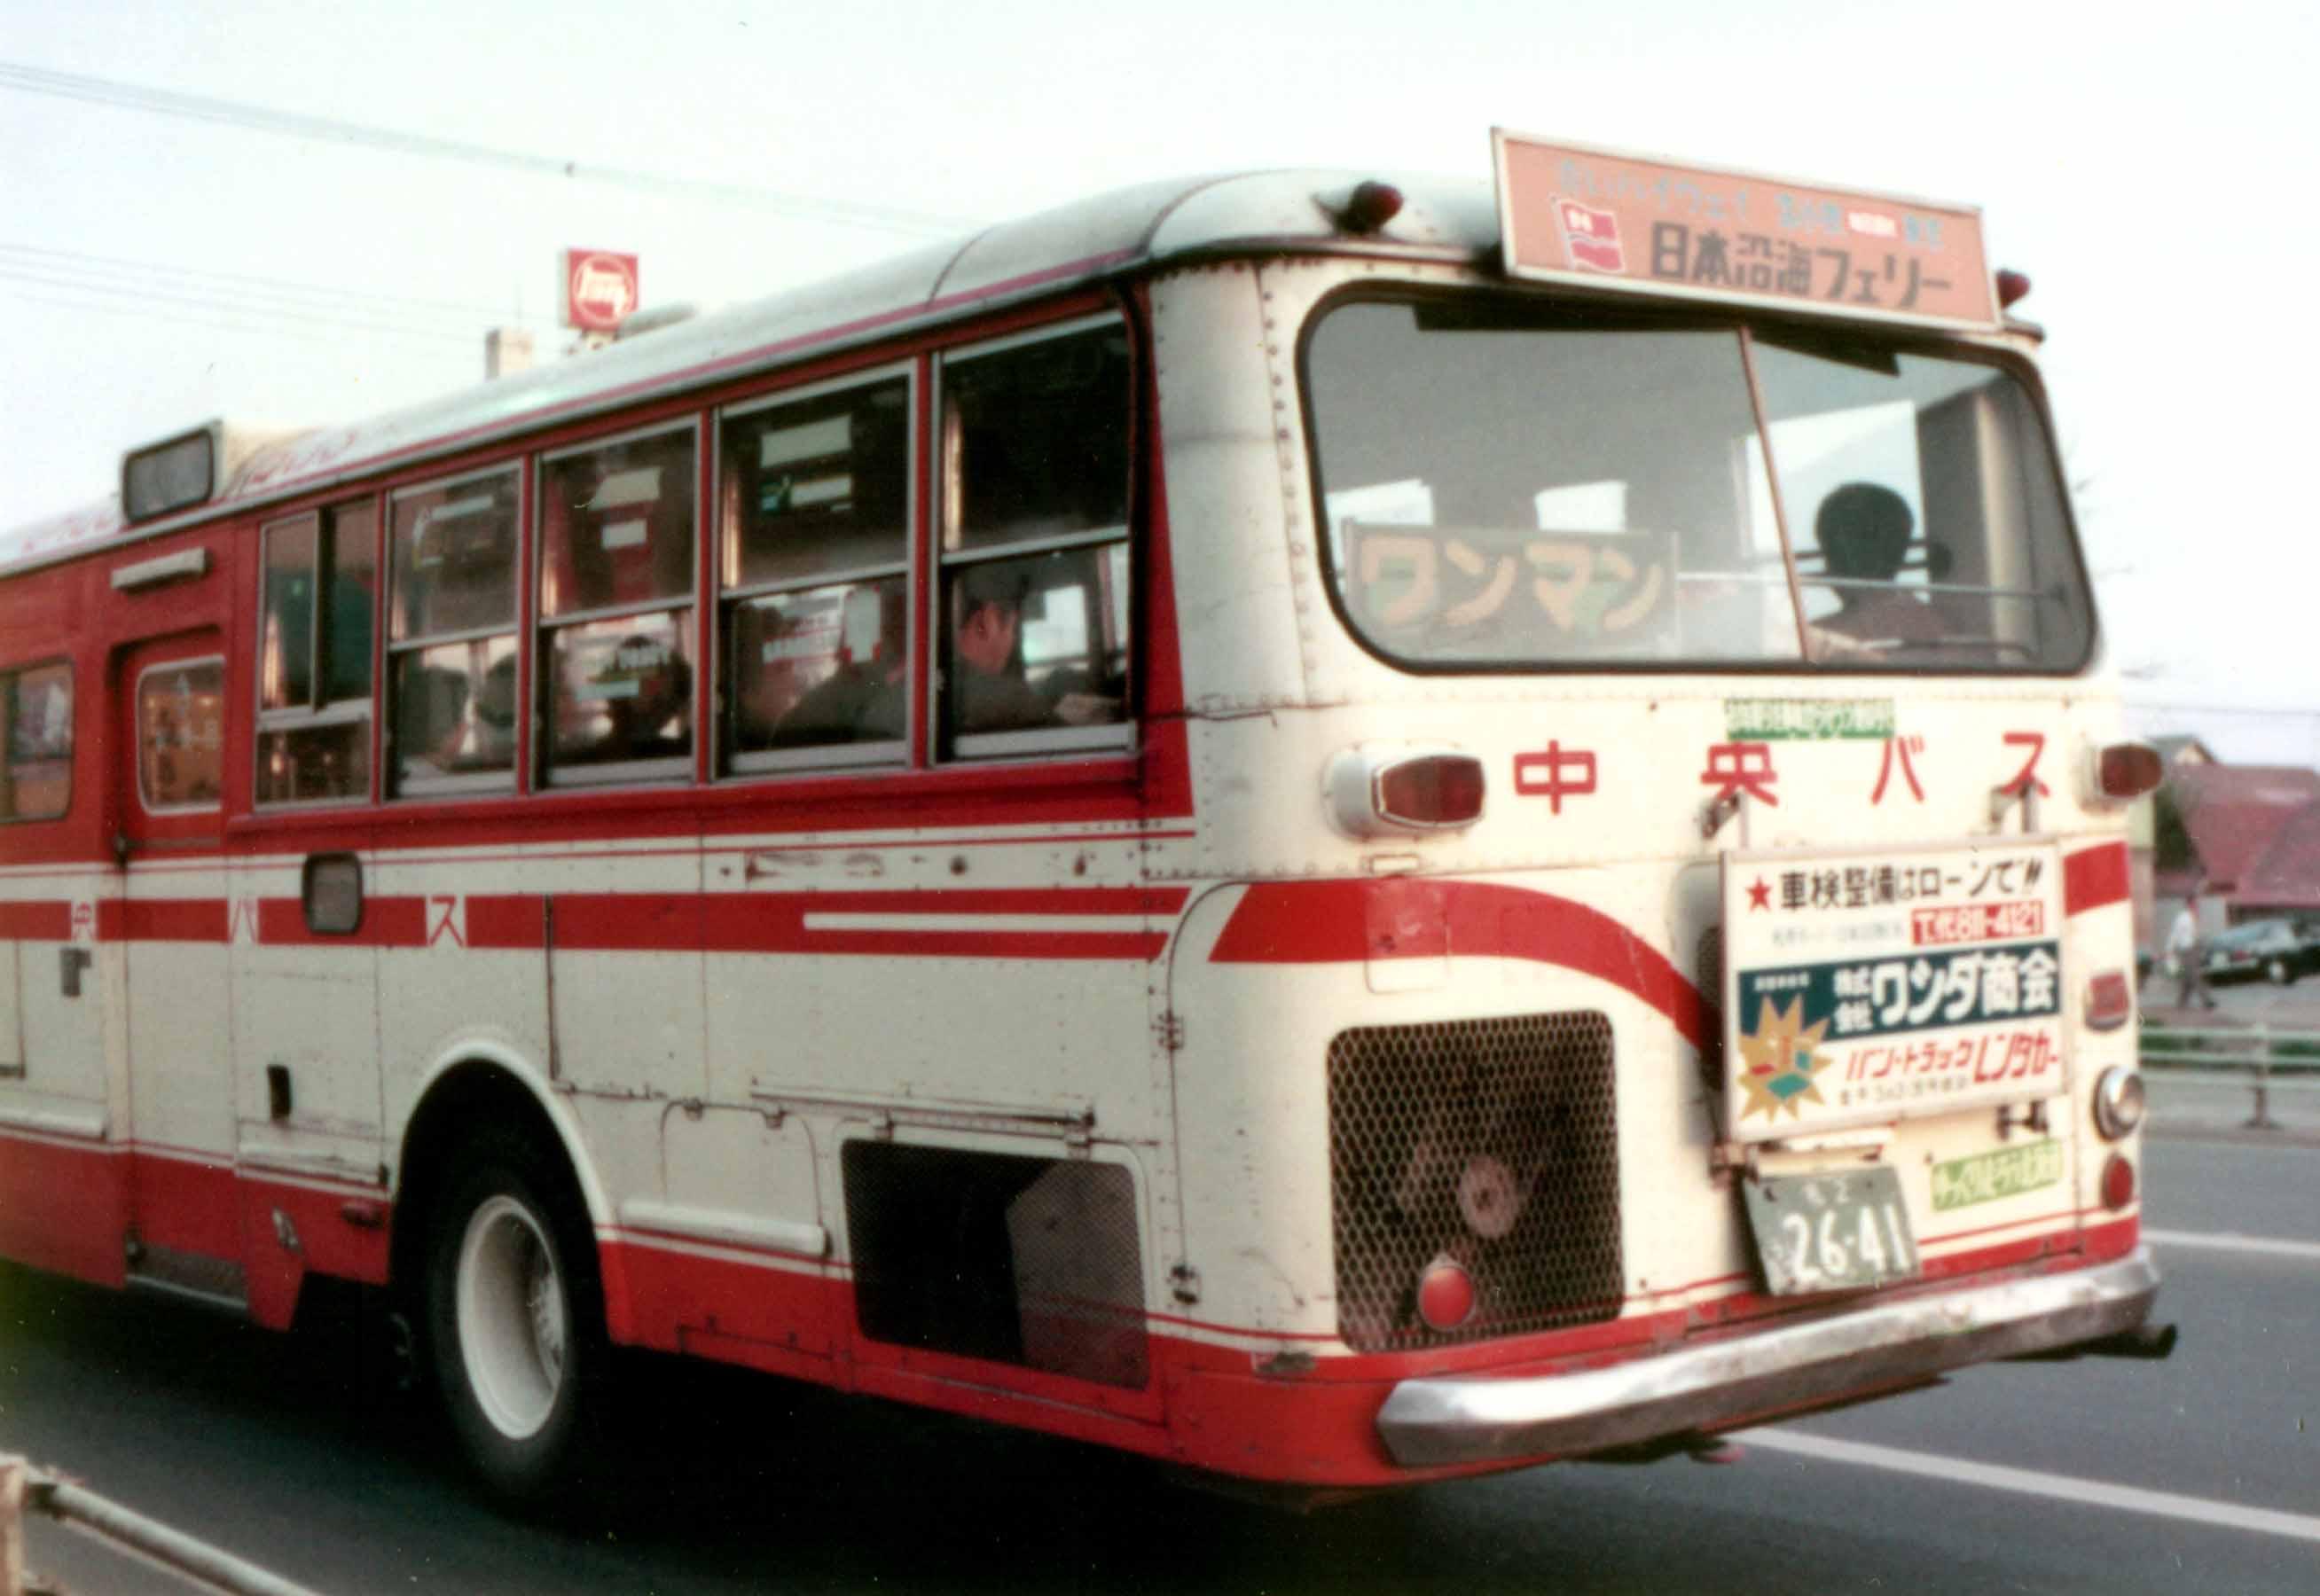 もう一台いすゞ : バス、鉄道、...